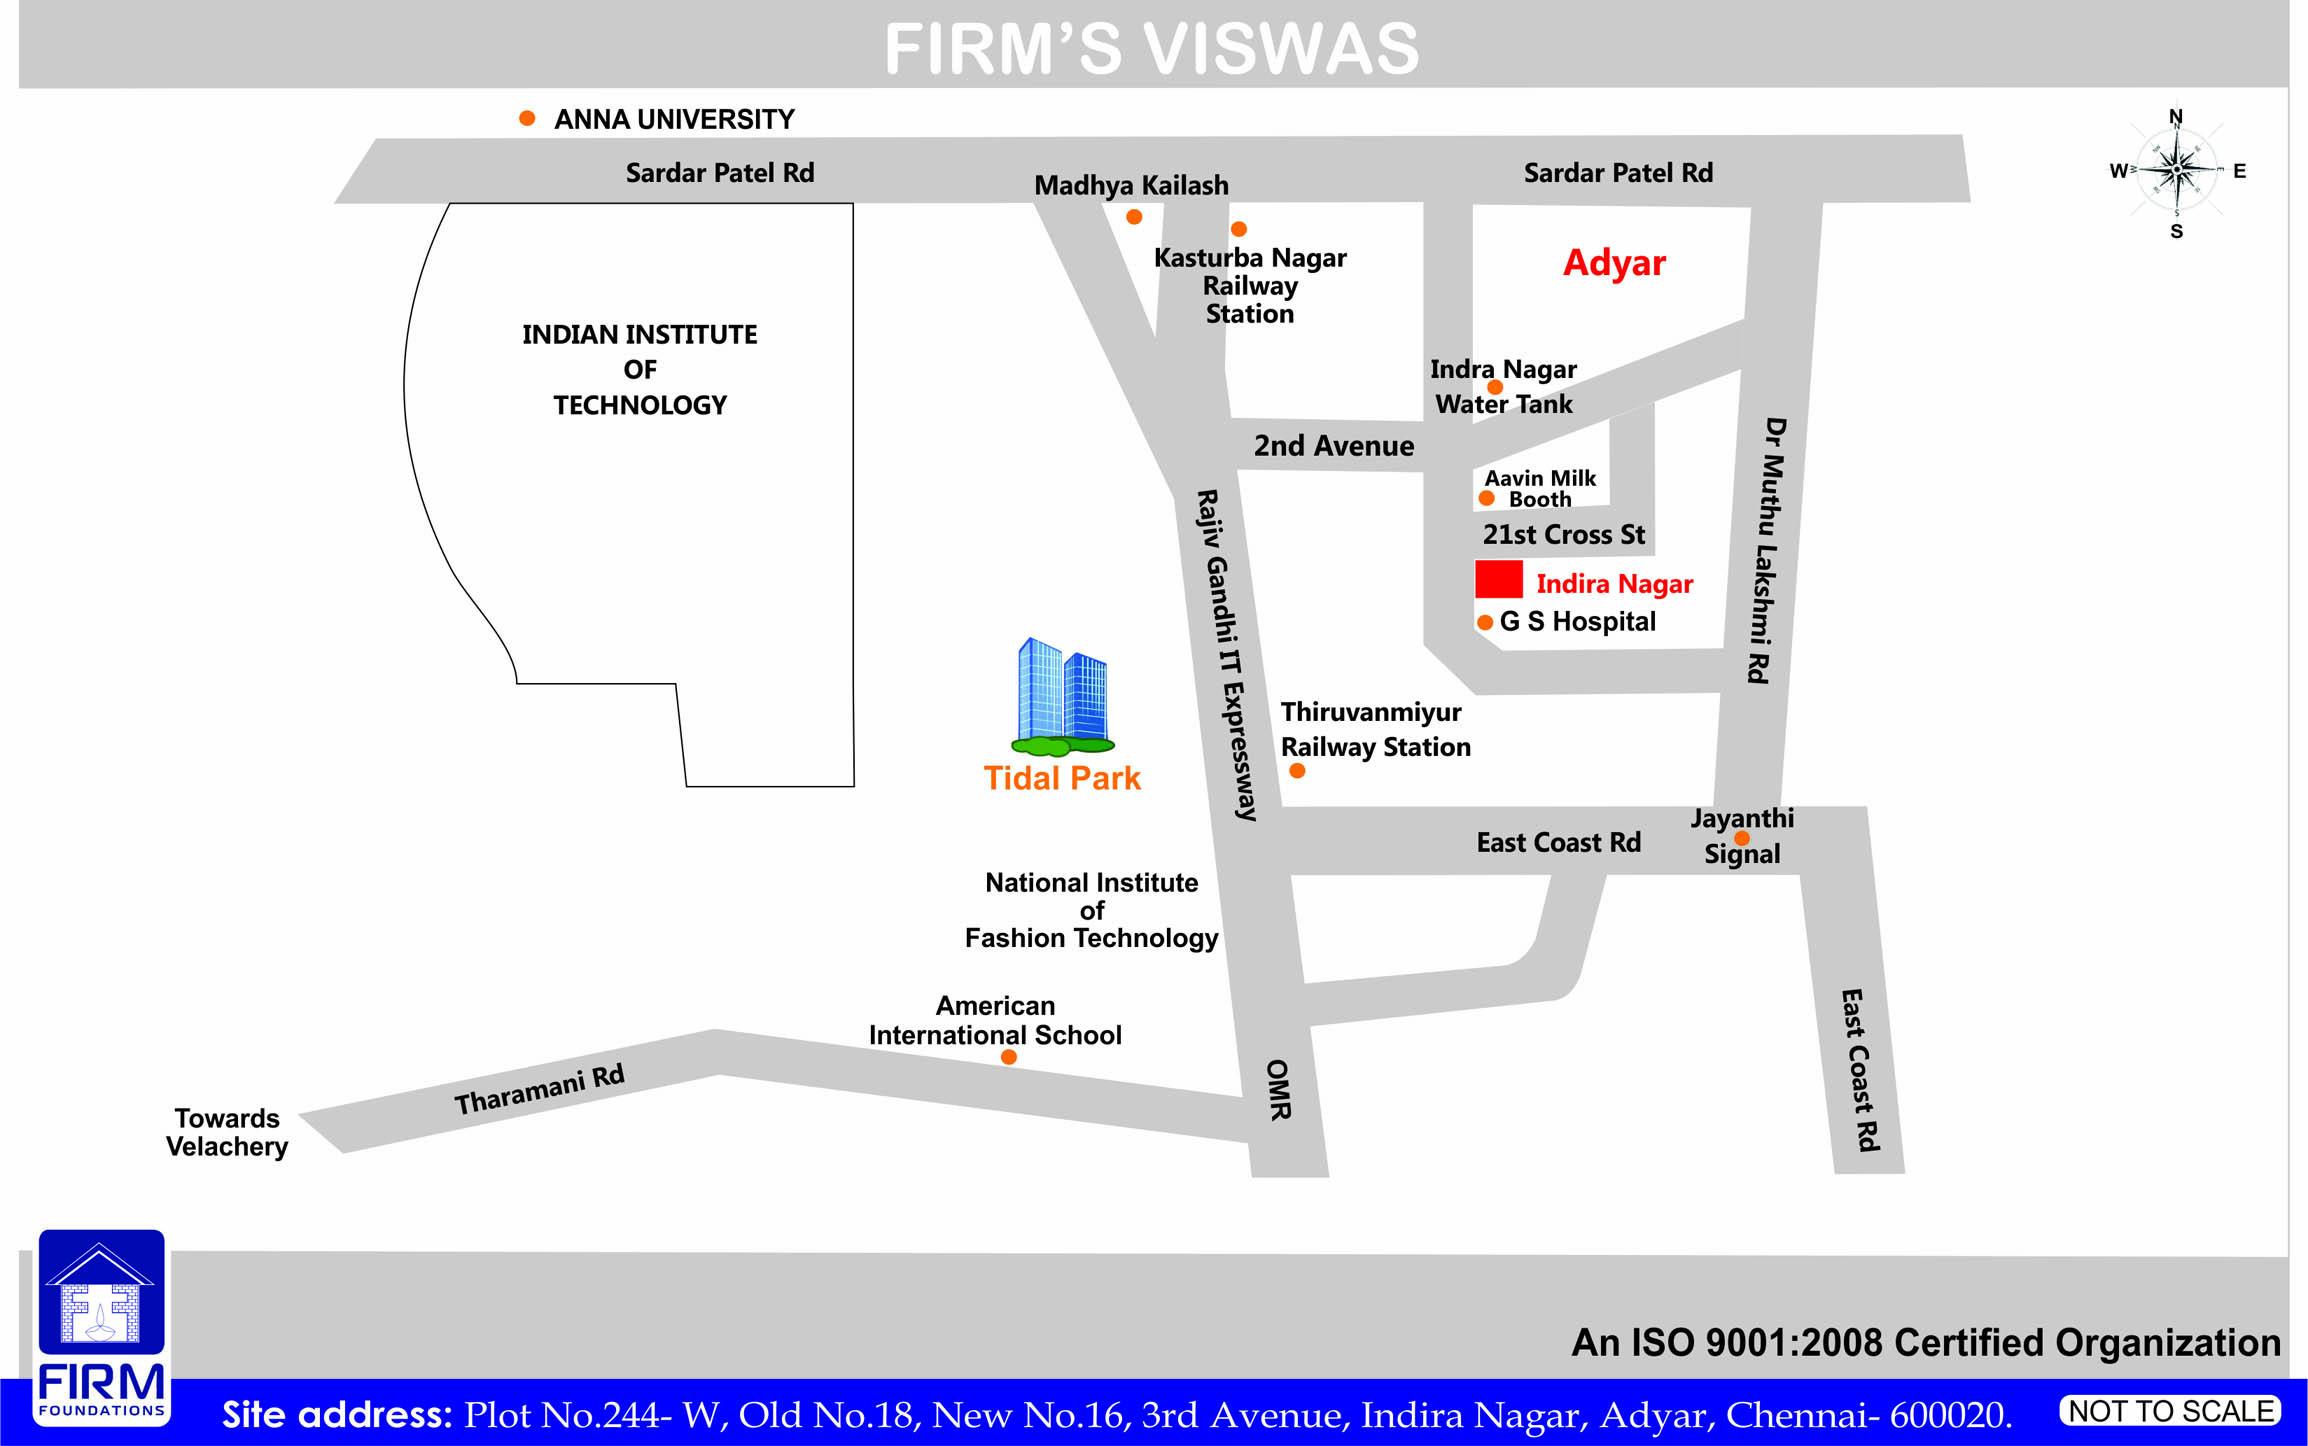 https://www.firmfoundations.in/projects/location/thumbnails/13902801557Key_Plan.jpg